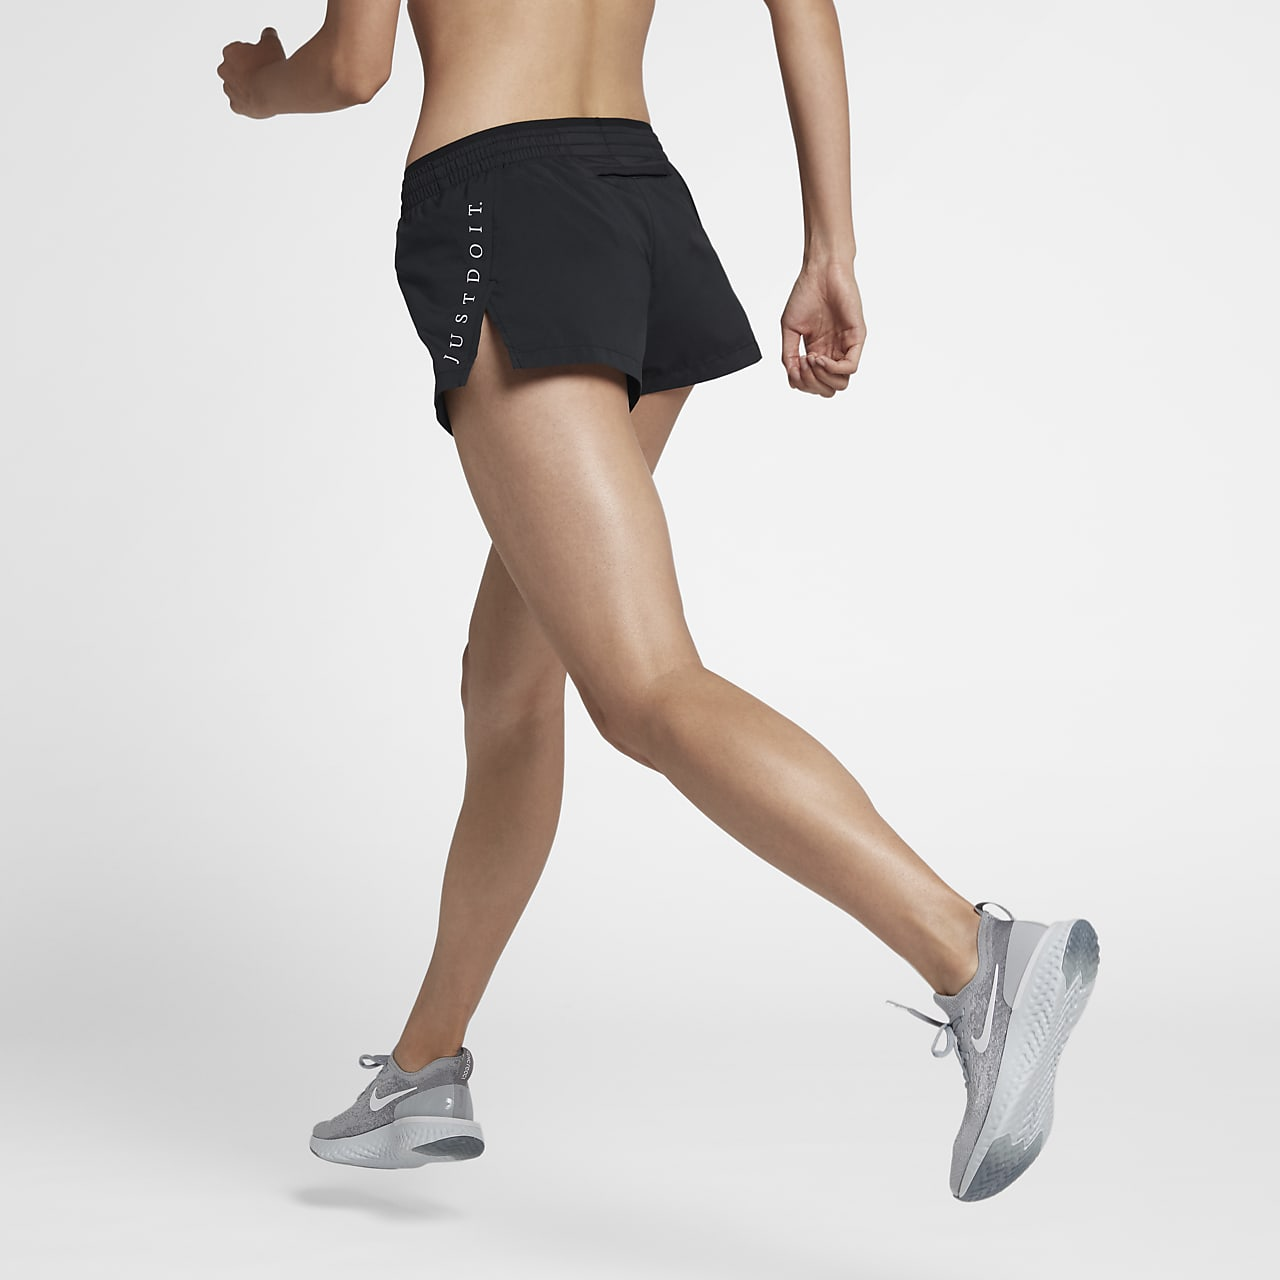 Nike Elevate Women's Running Shorts